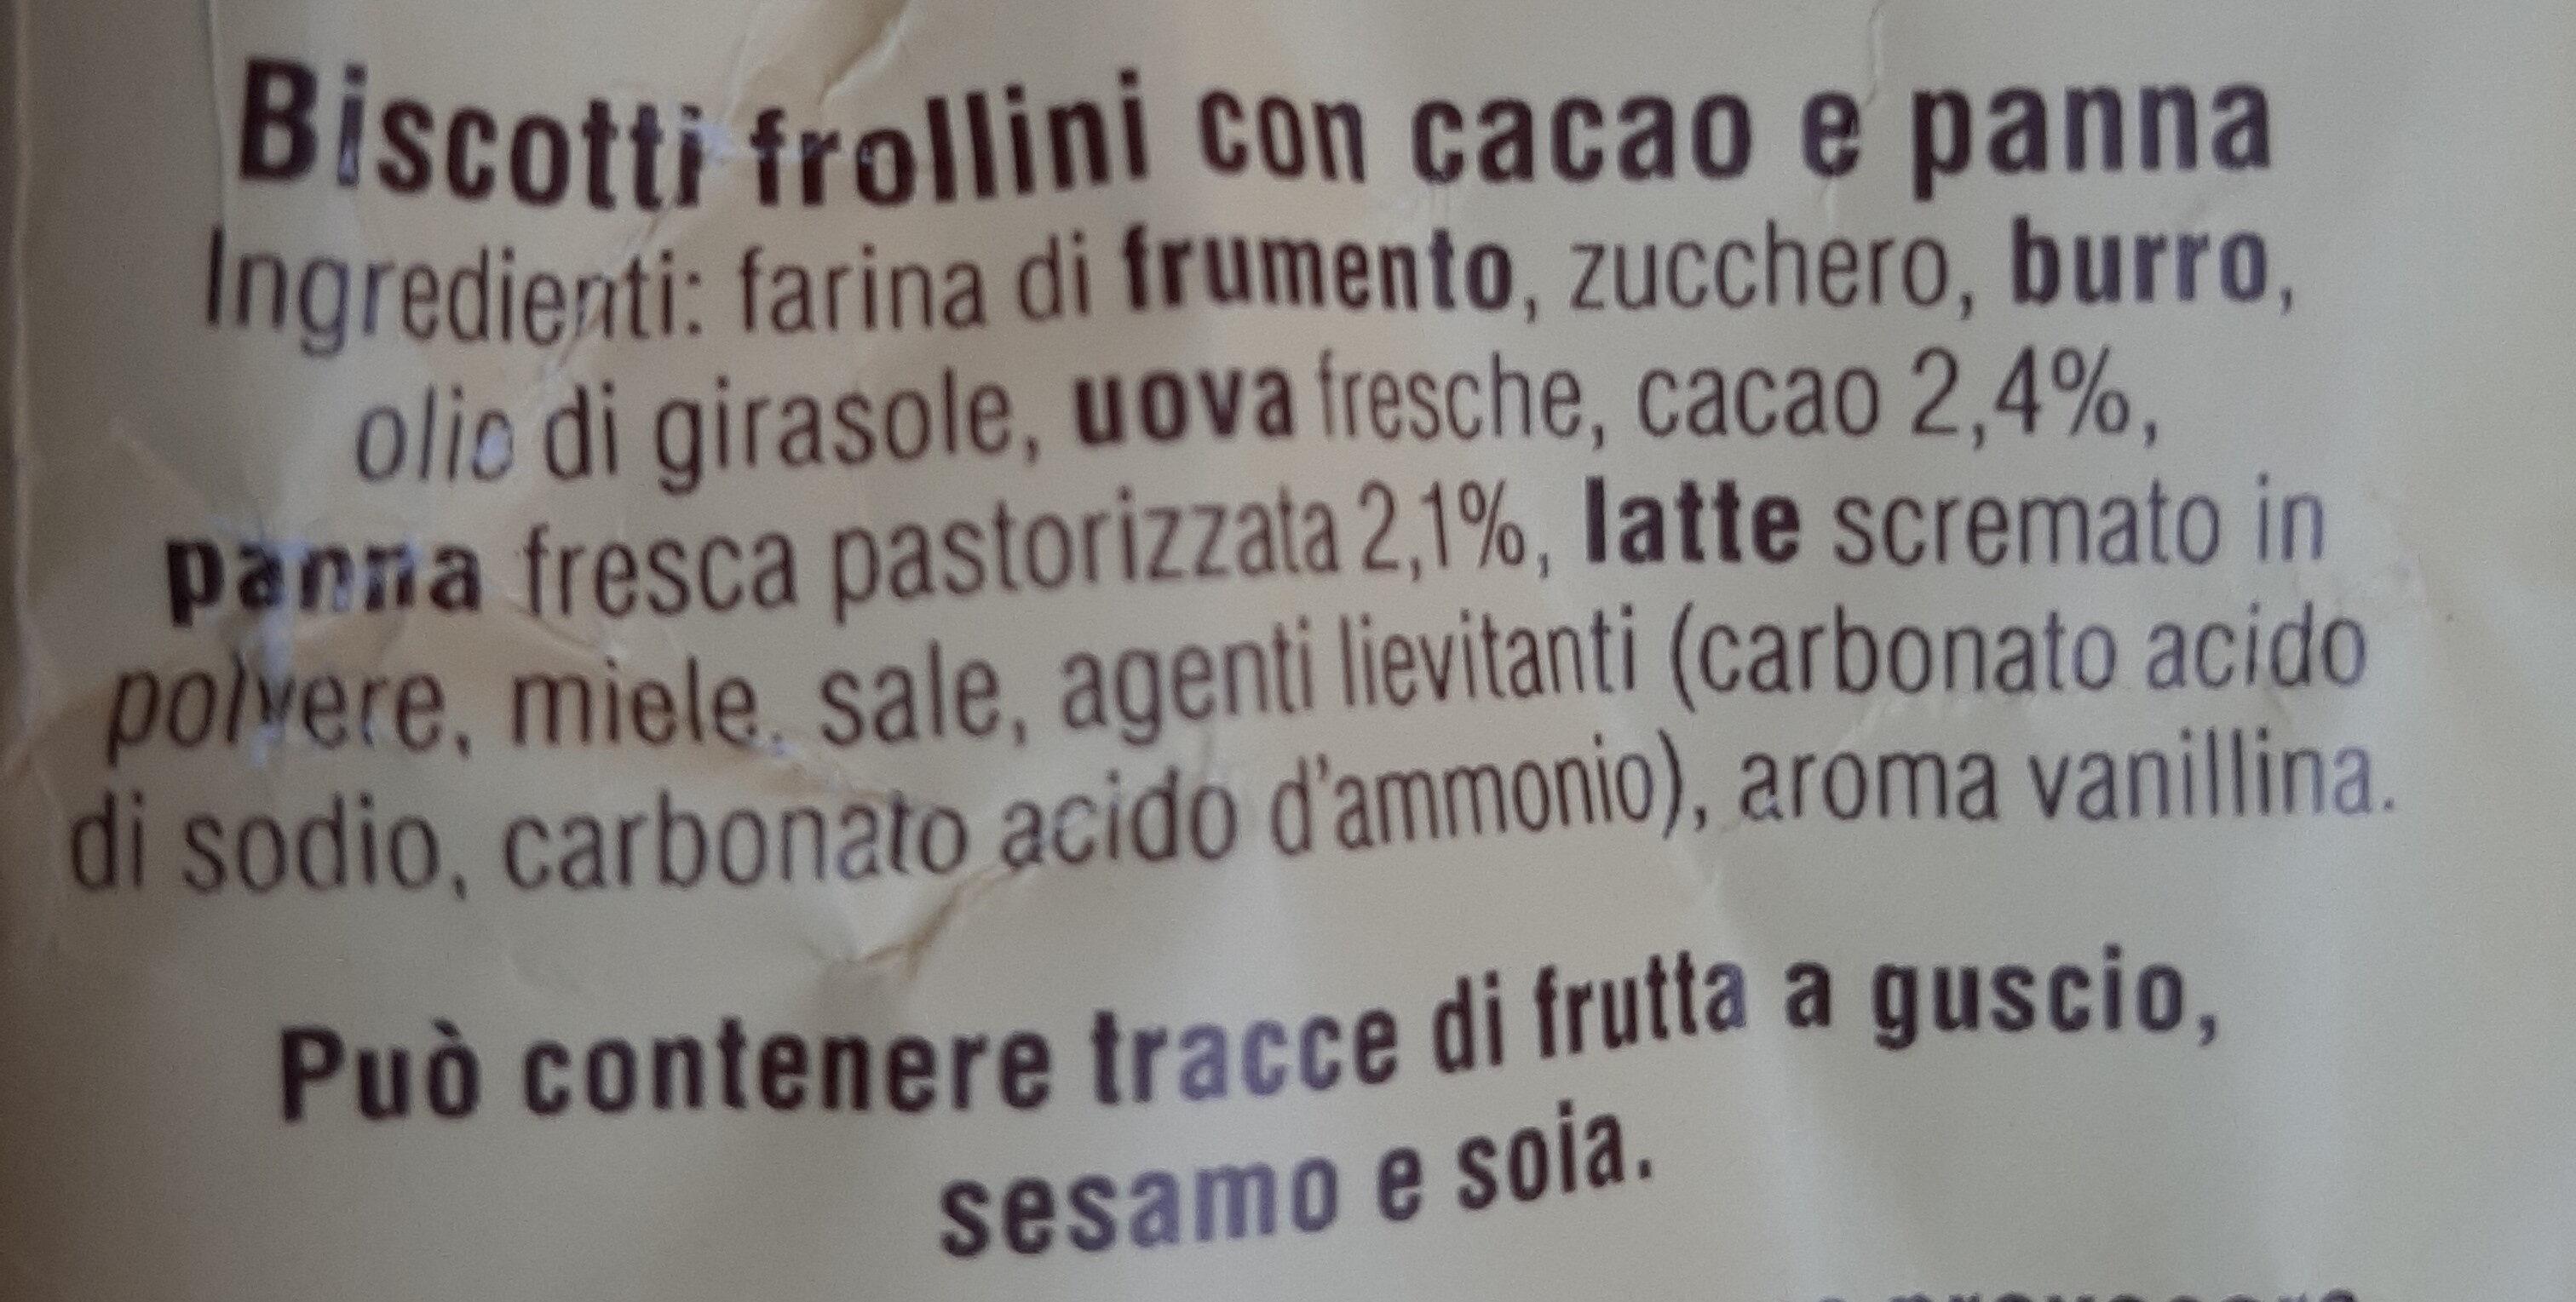 Abbracci con cacao e panna fresca - Ingredienti - it